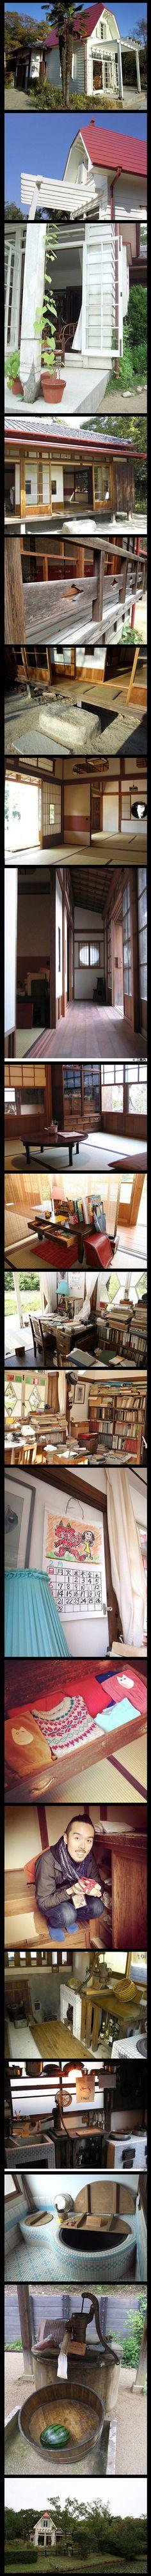 Maison de mon voisin Totoro recréé dans la vie réelle, complet avec intérieur meublé